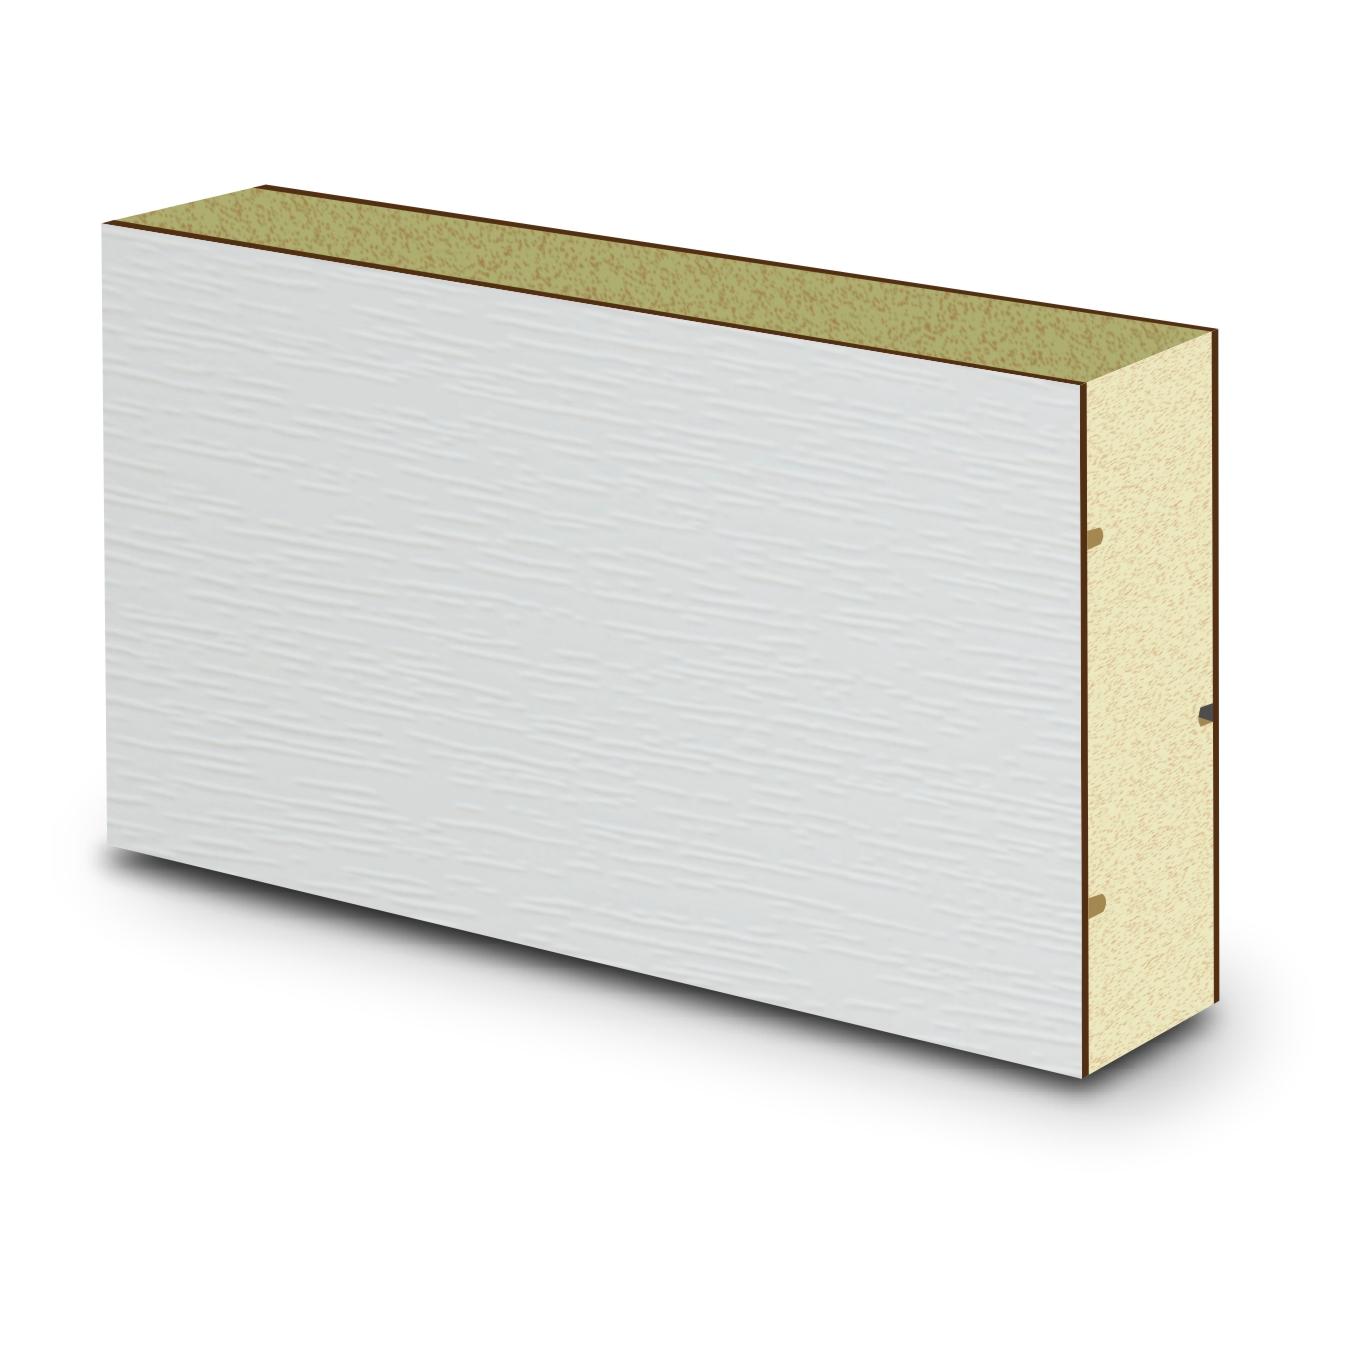 plyta-9018.05-167-Renolit-901805167-Papyrus-white